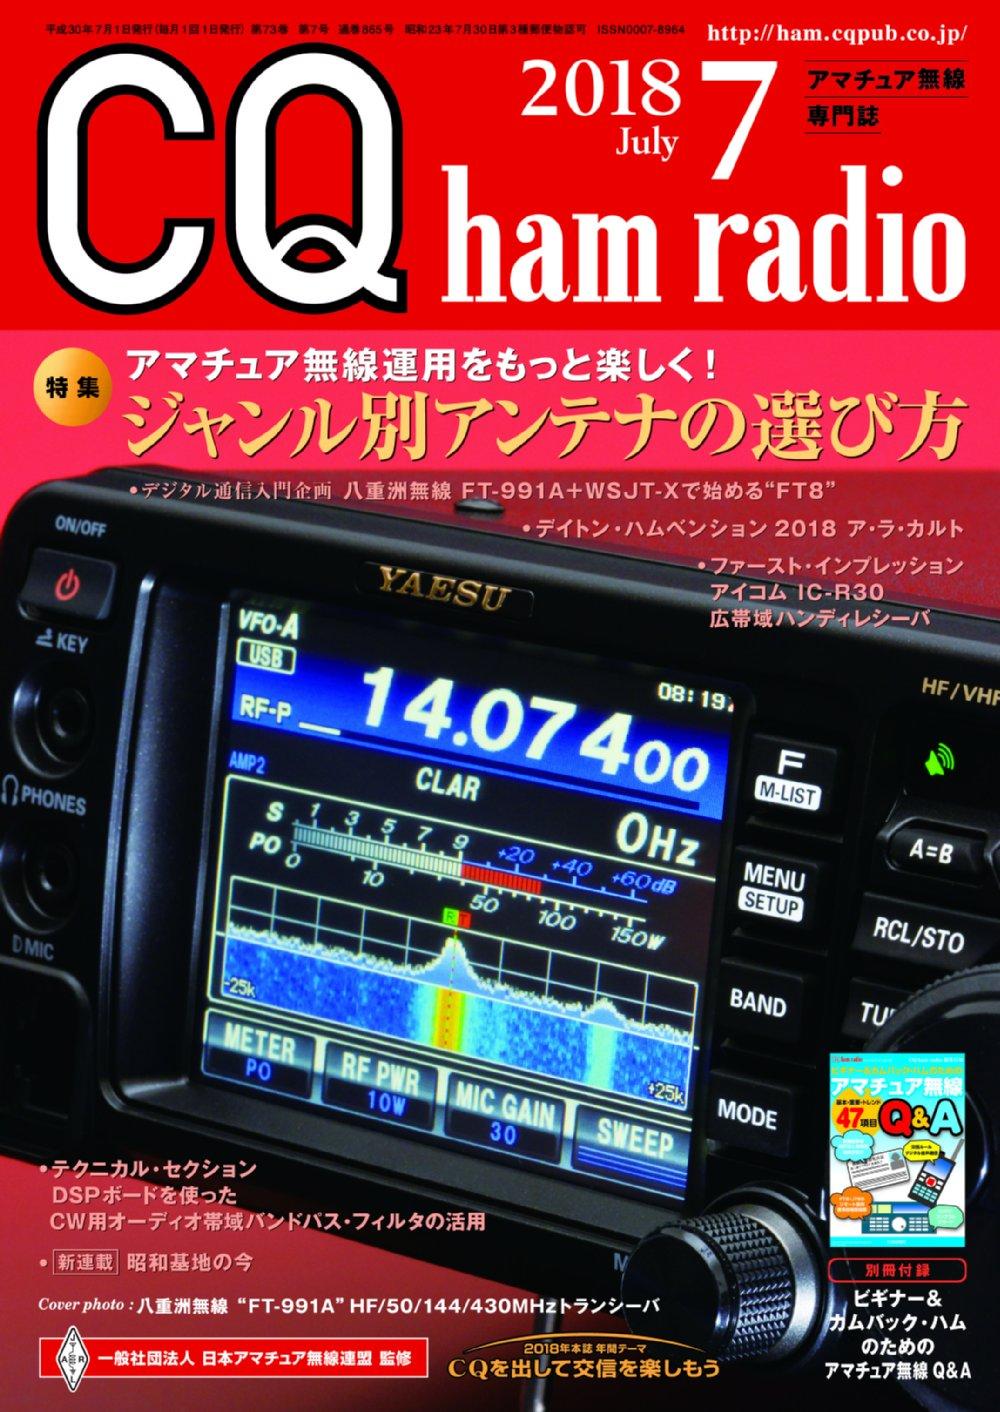 CQ ham radio 2018年7月号